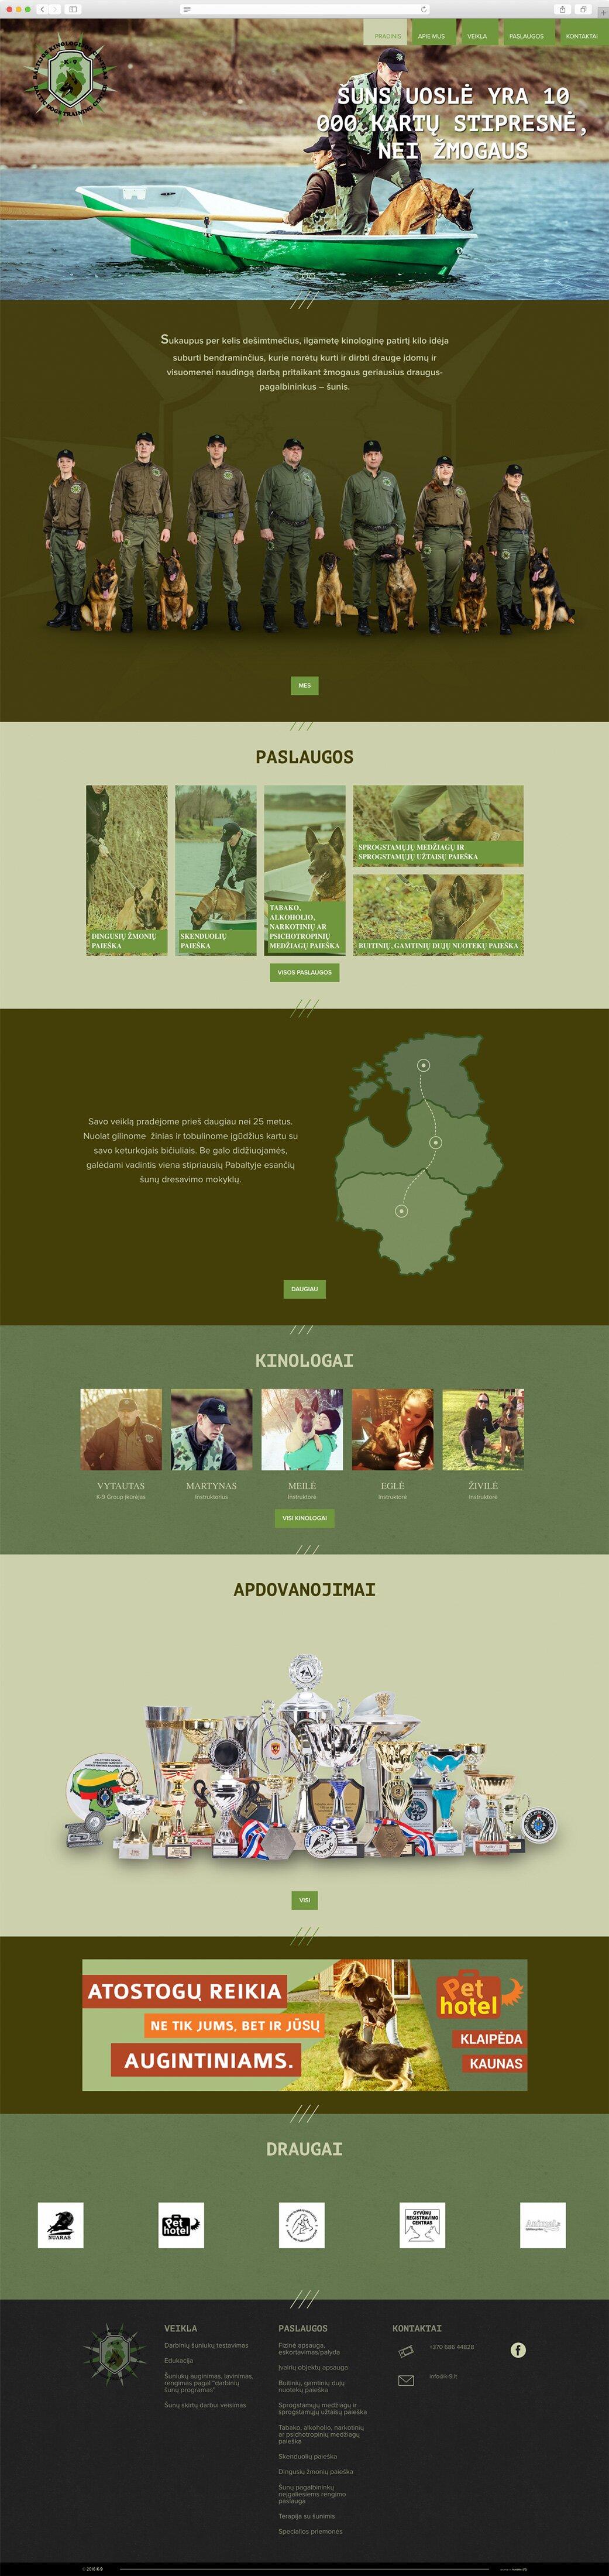 k-9-lt-baltijos-kinologijos-centro-svetaines-dizainas-1